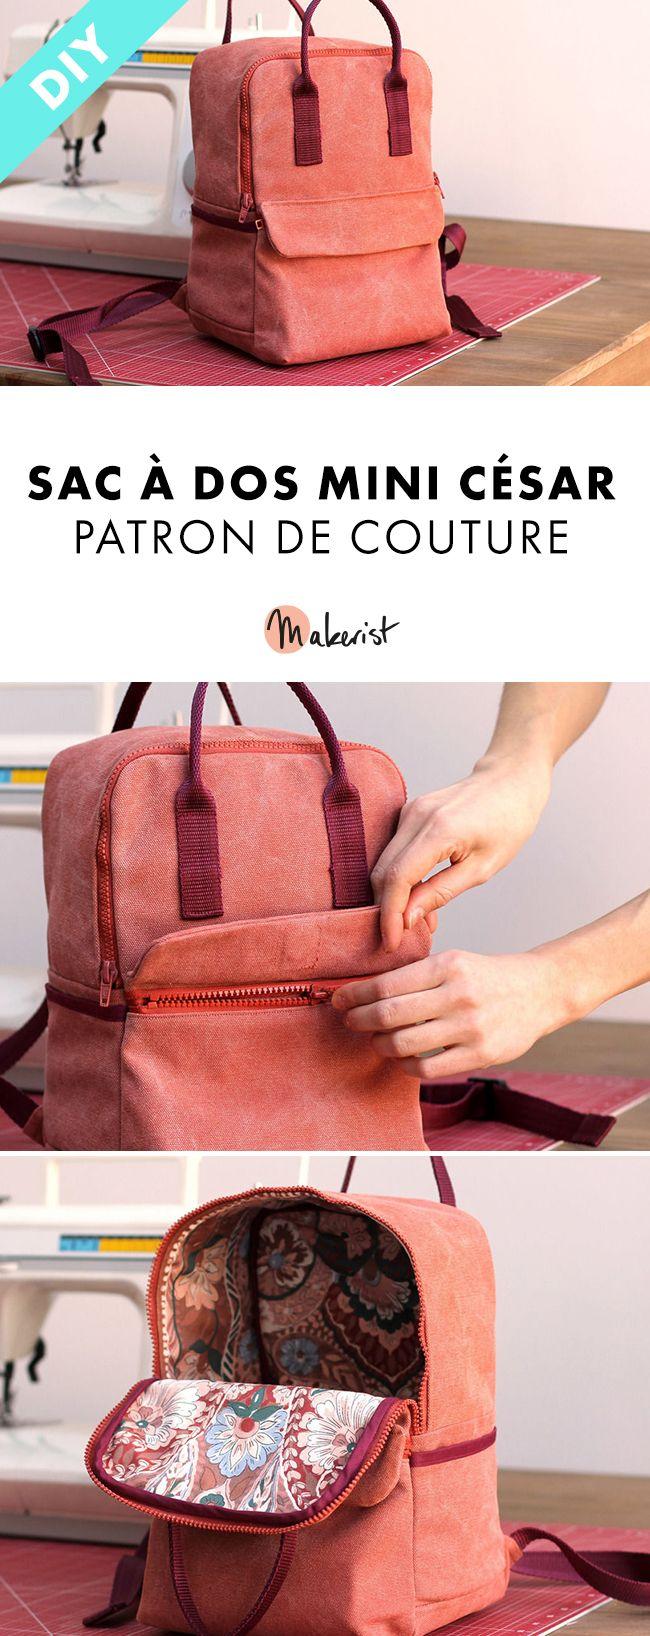 Patron de couture – Sac à dos Mini-César